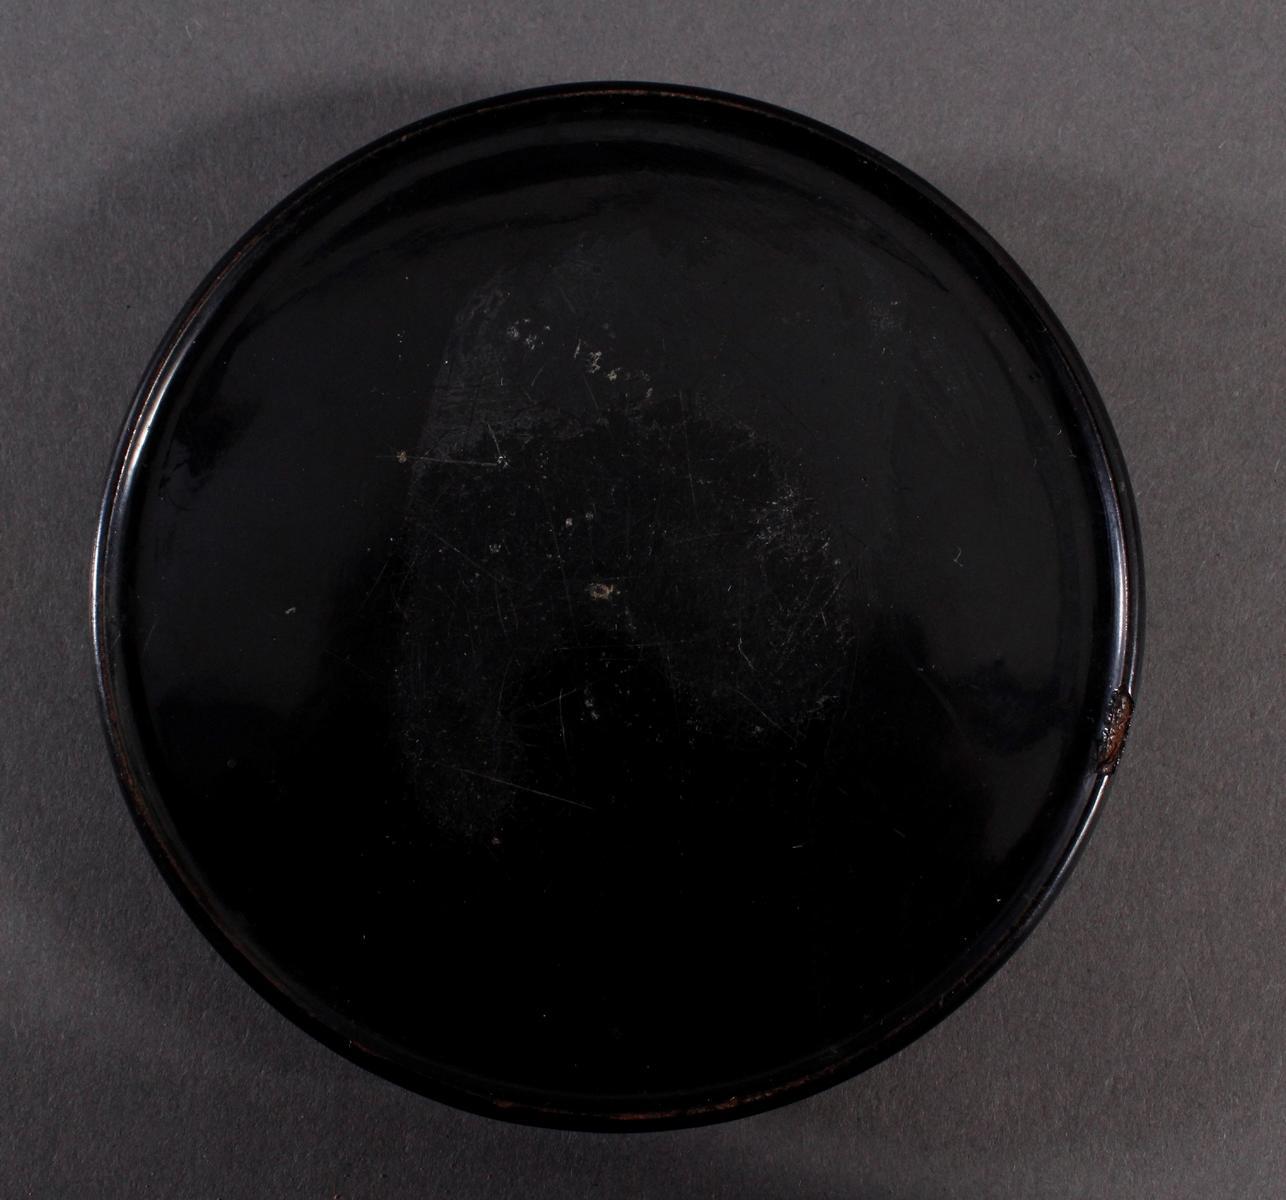 Lackschatulle, Schnupftabakdose, Stobwasser 19. Jh.-4